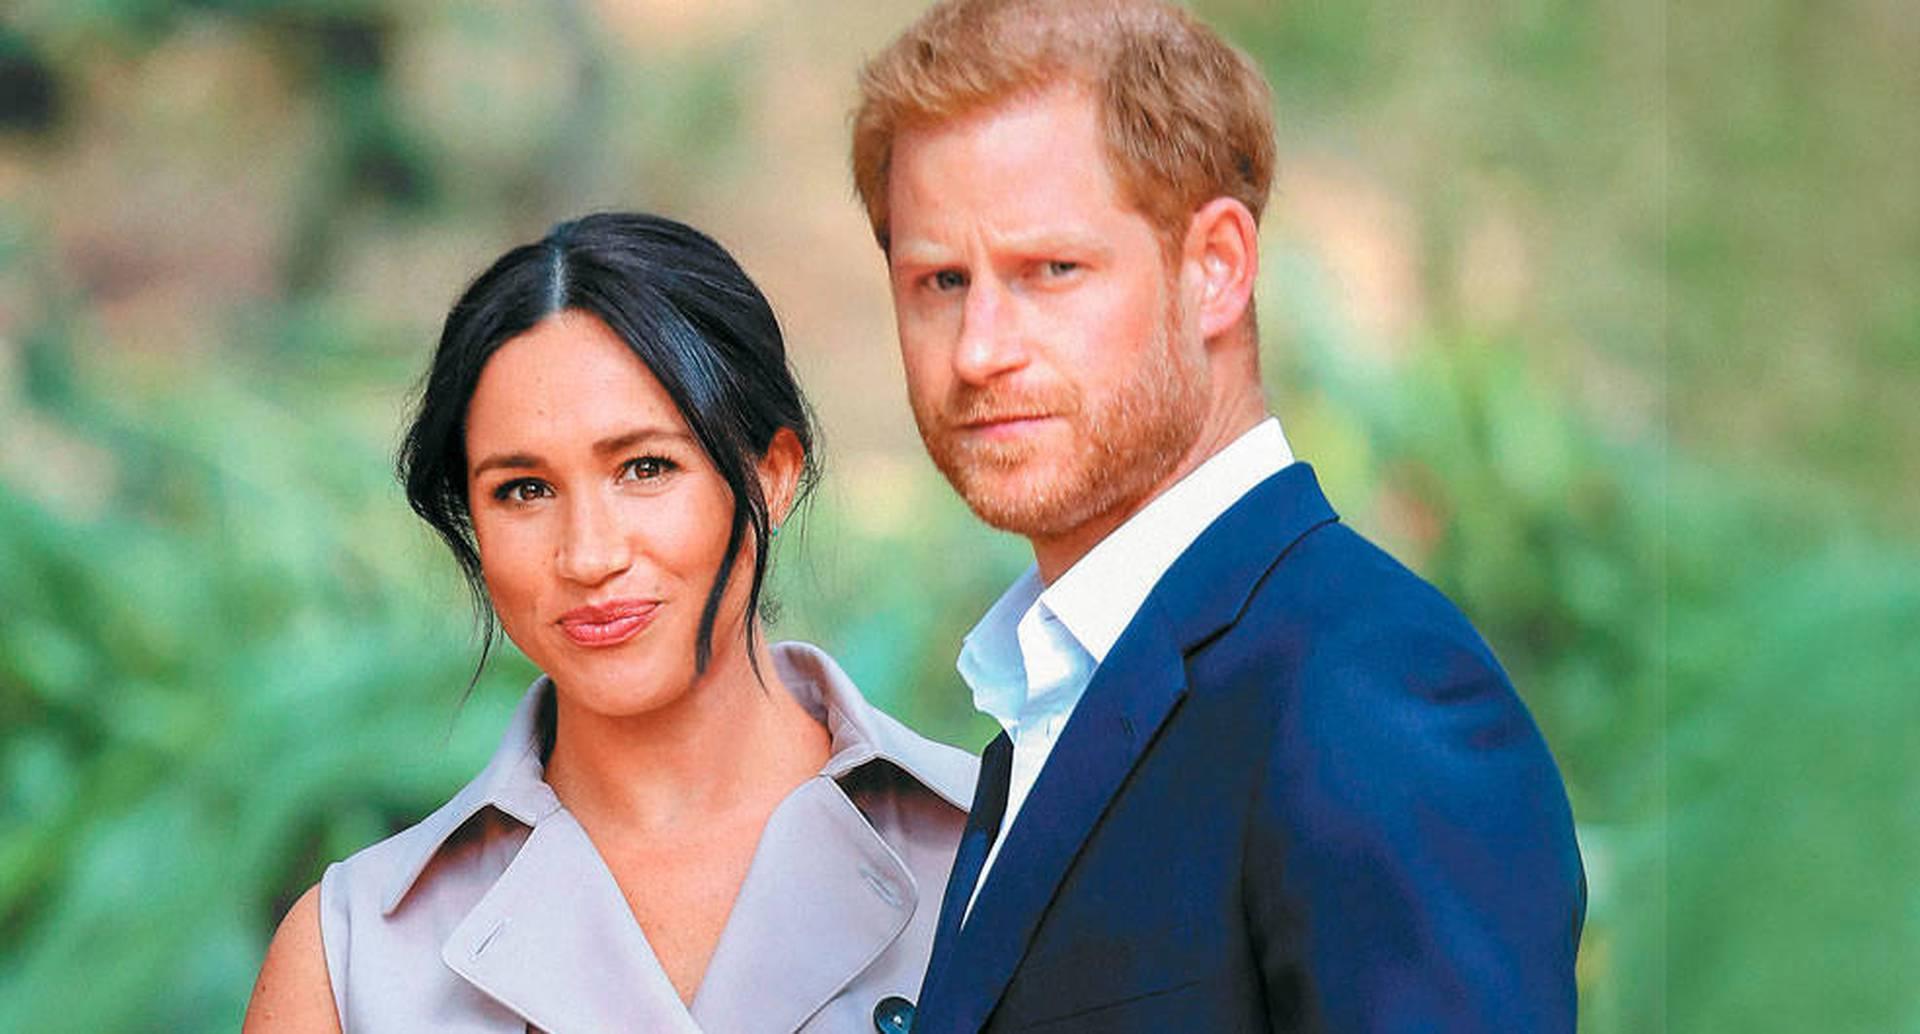 """Sus amigos cercanos dicen que Harry y Meghan están """"agotados"""", y que la familia real no ha sabido protegerlos."""